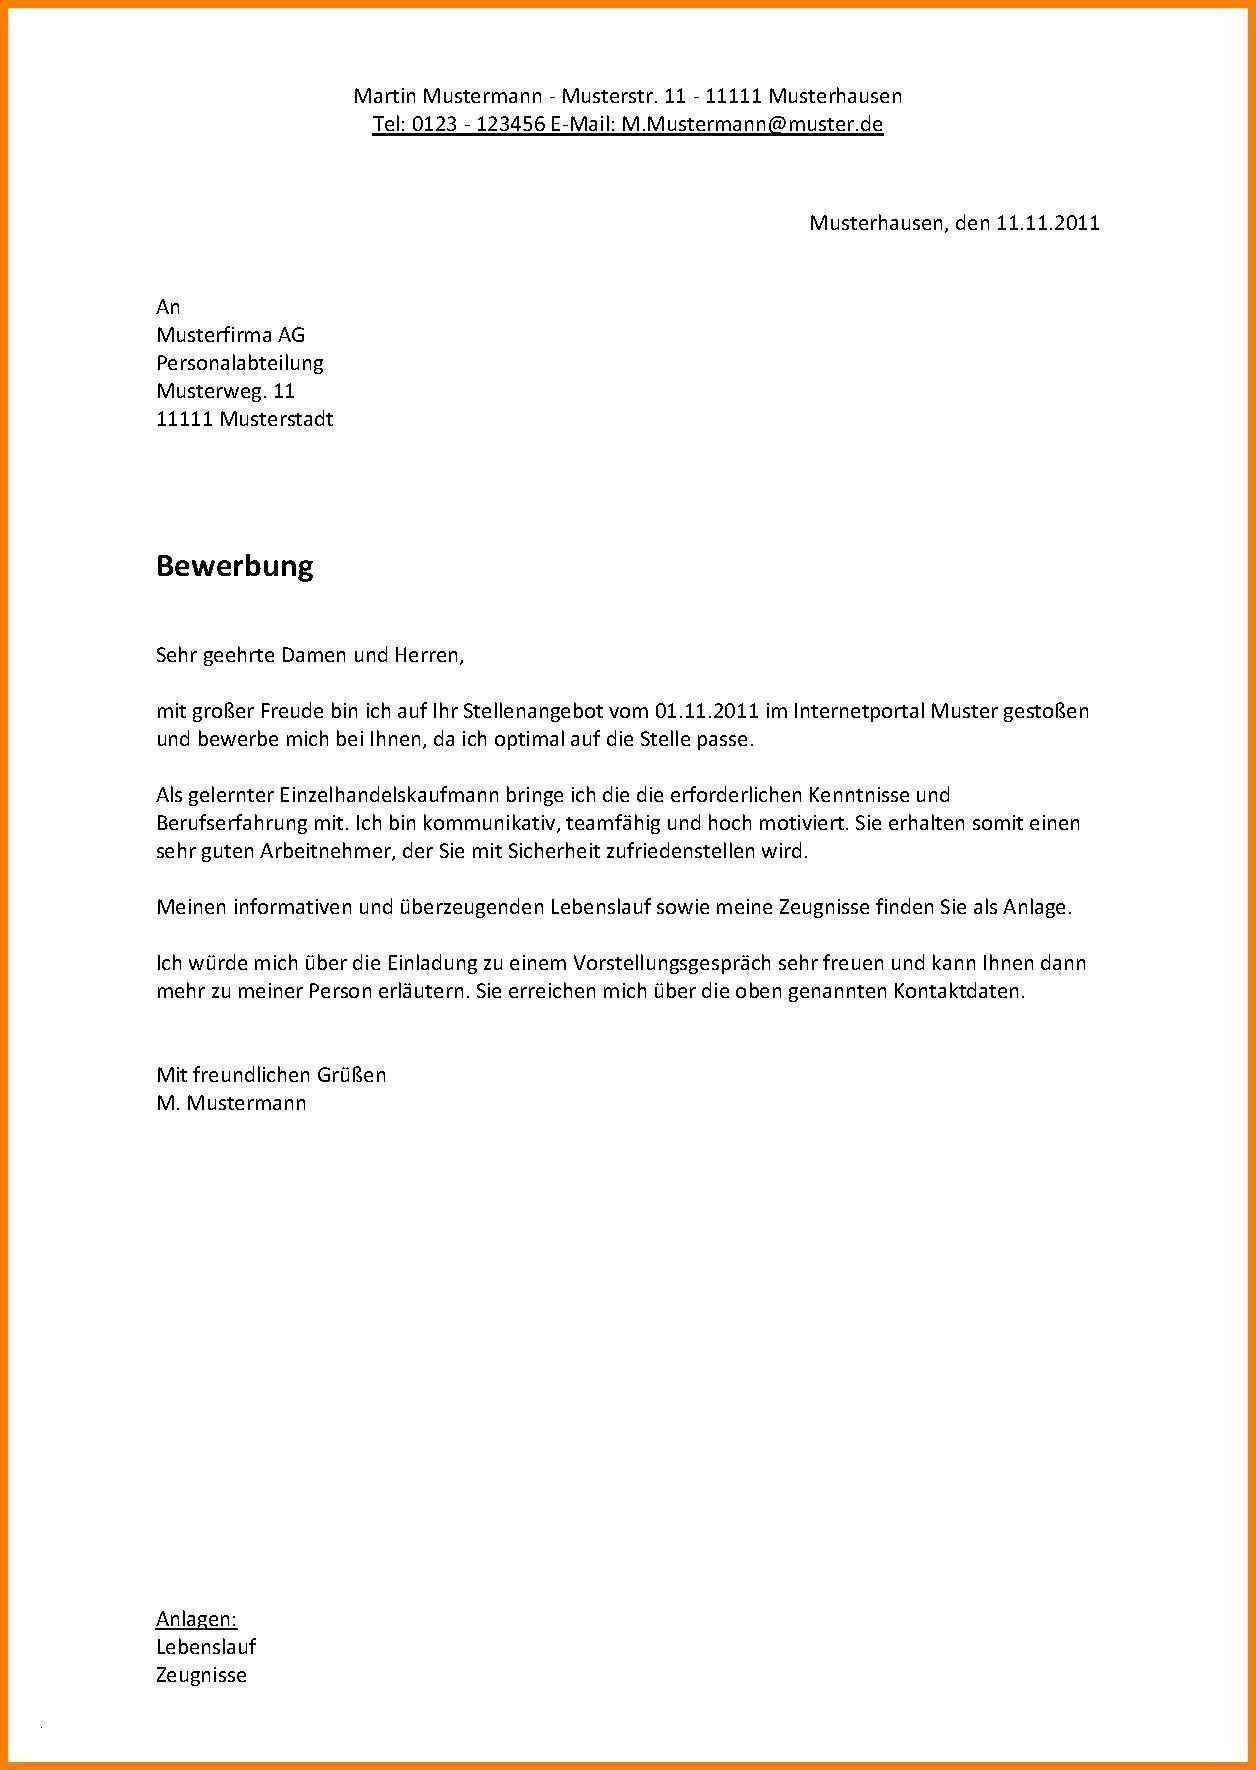 Einzigartig Lebenslauf Ohne Bild Briefprobe Briefformat Briefvorlage Lebenslauf Lebenslauf Muster Bewerbung